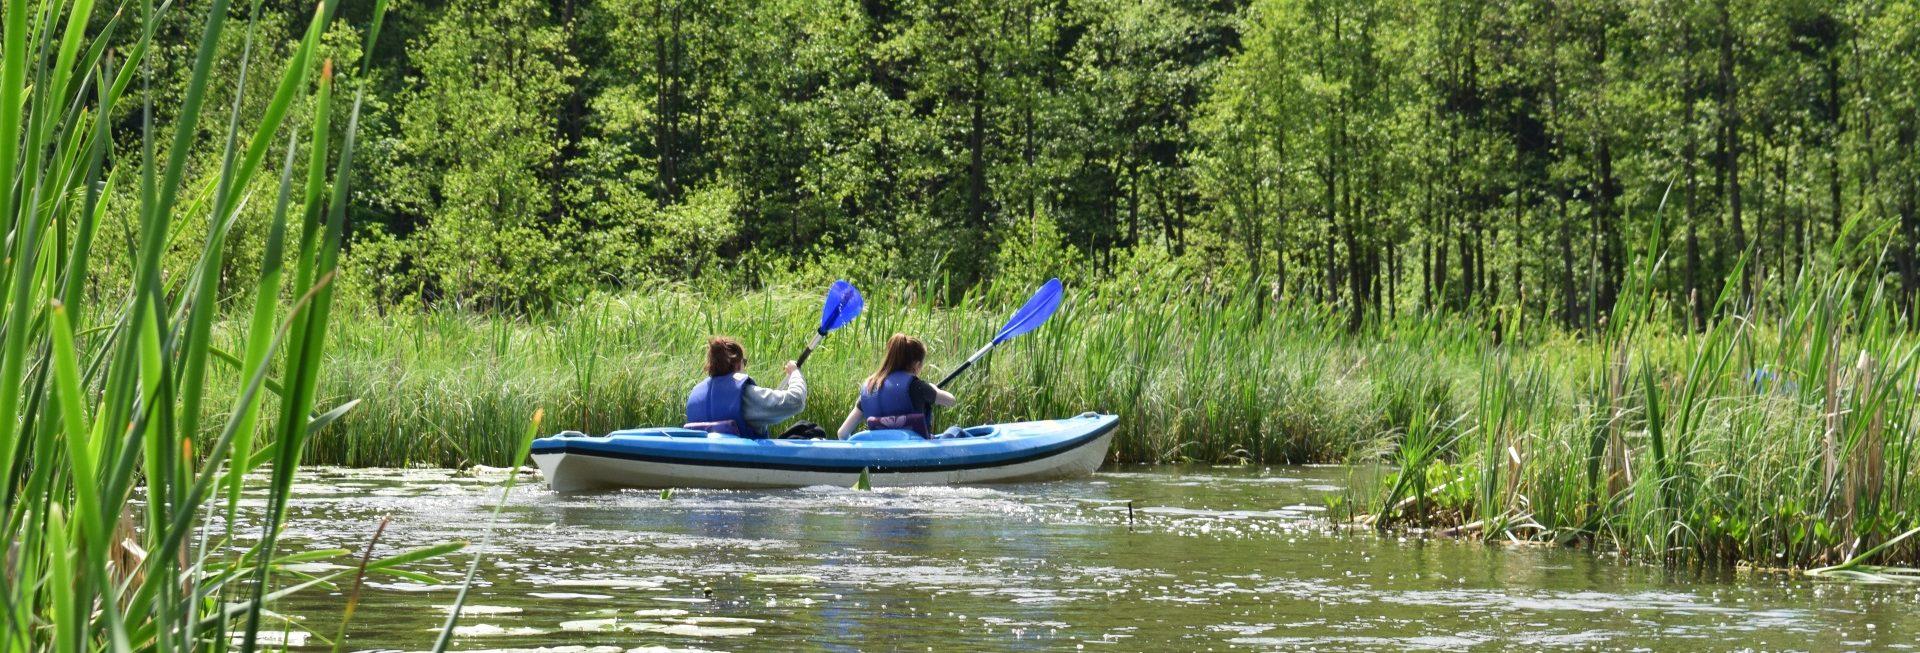 Spływ rzeką Dajną. Na zdjęciu niebieski kajak z dwiema wioślarkami pokonujący zakręt na rzece i wpływający nurtem rzeki do następnej odnogi Dajny.